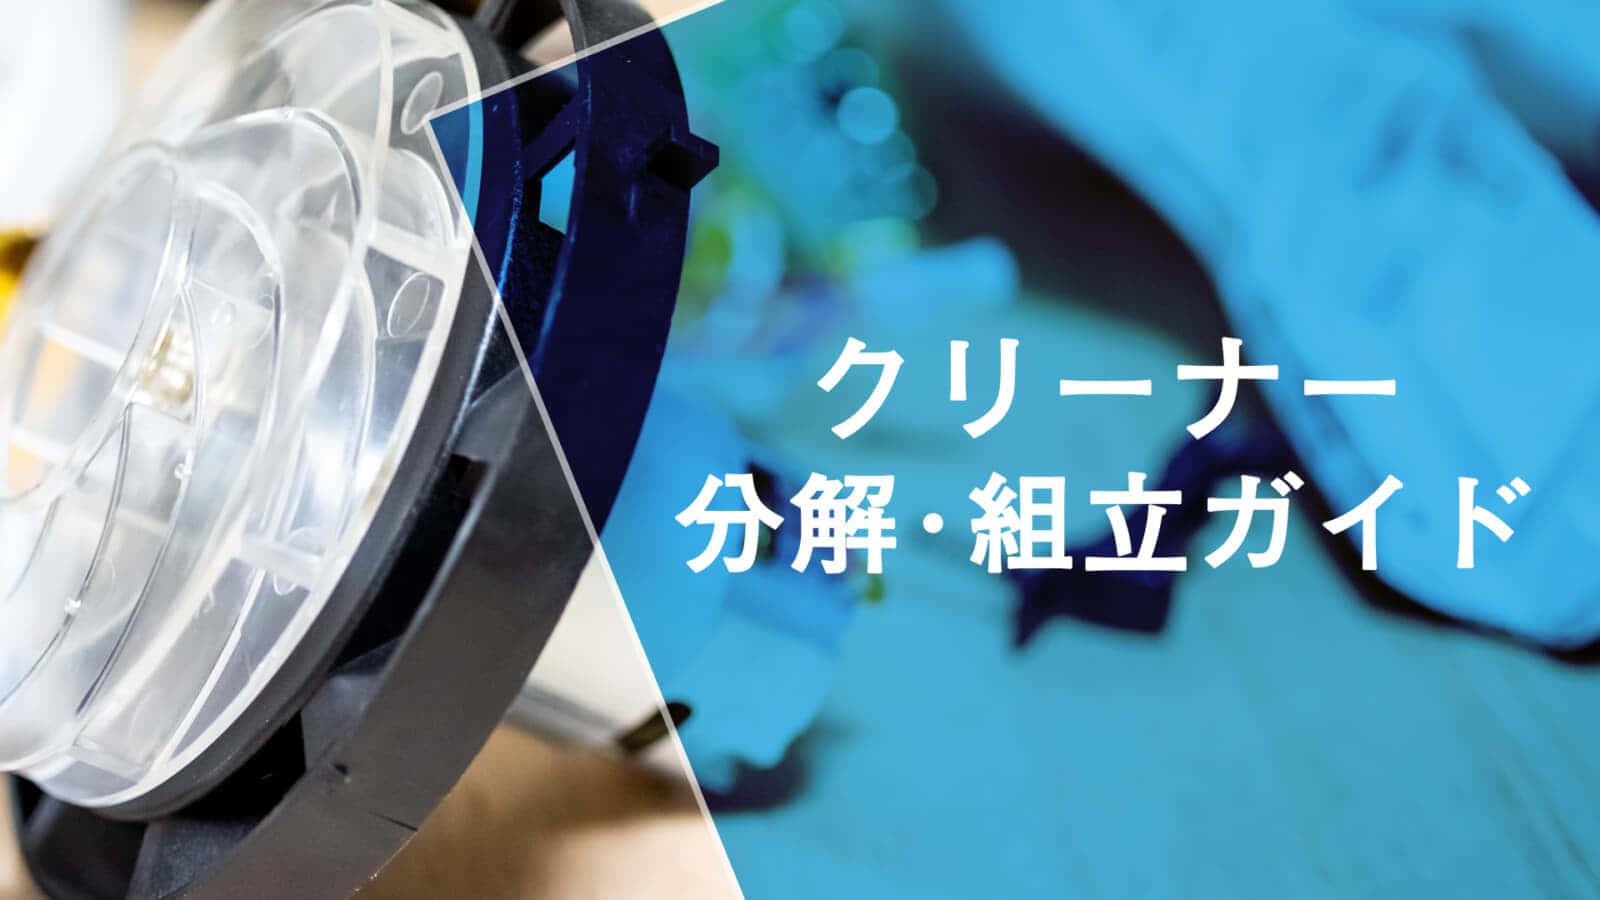 【永久保存版】マキタクリーナー 分解・組立パーフェクトガイド